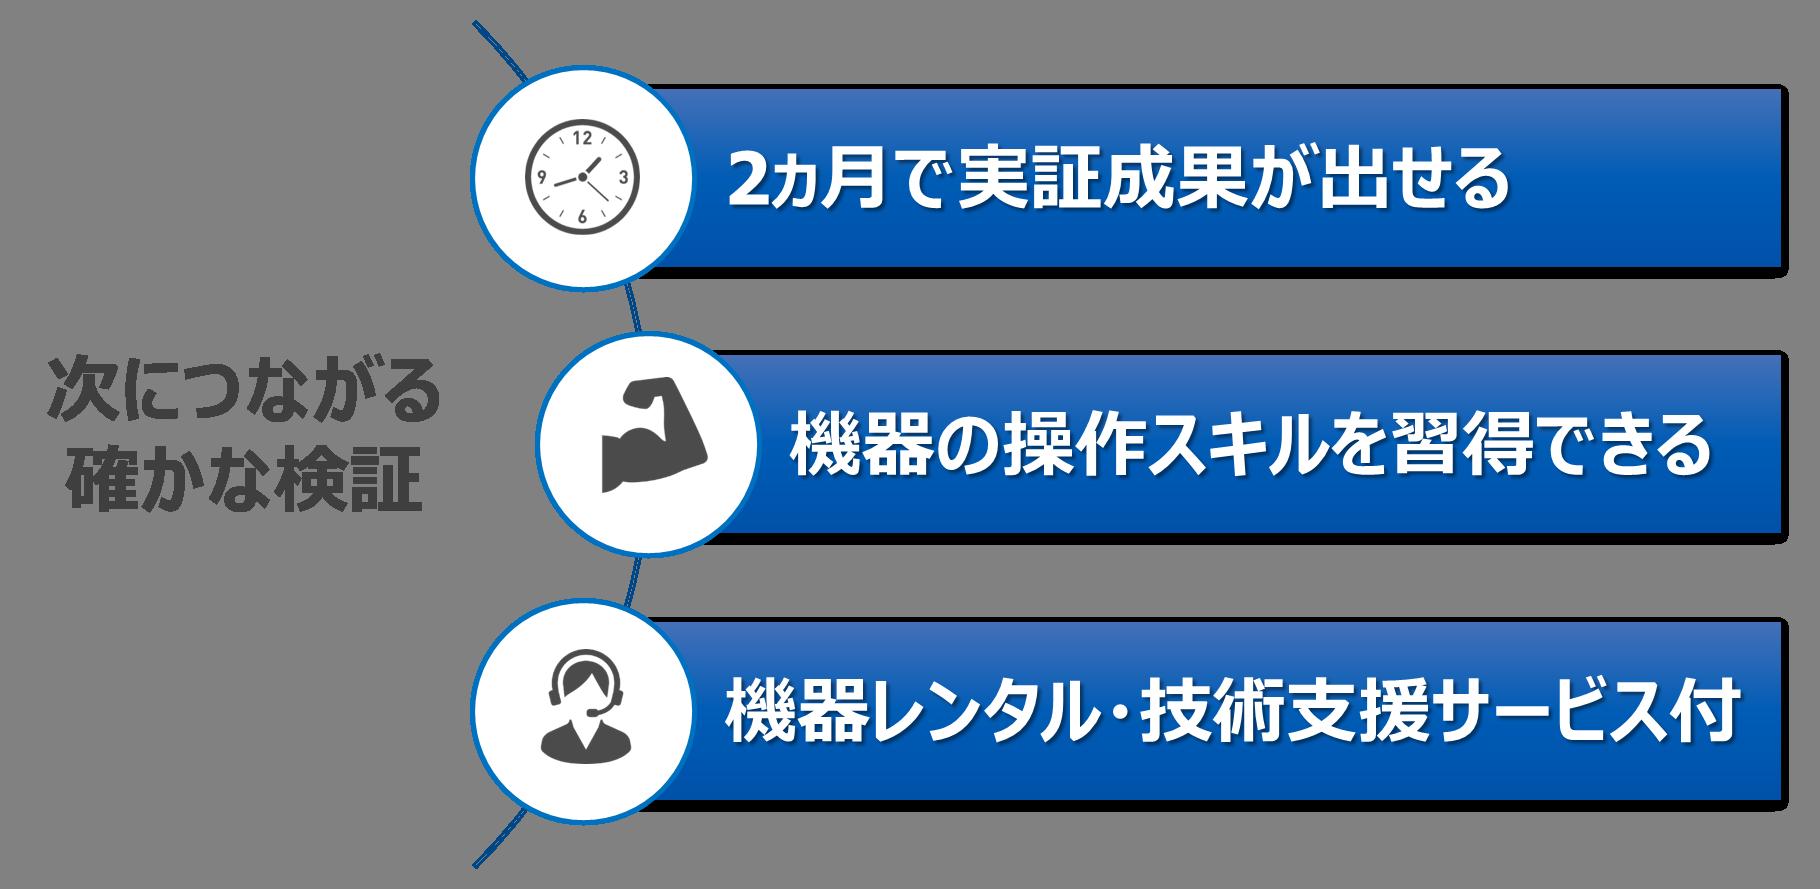 実証AIパッケージ 3つの利点